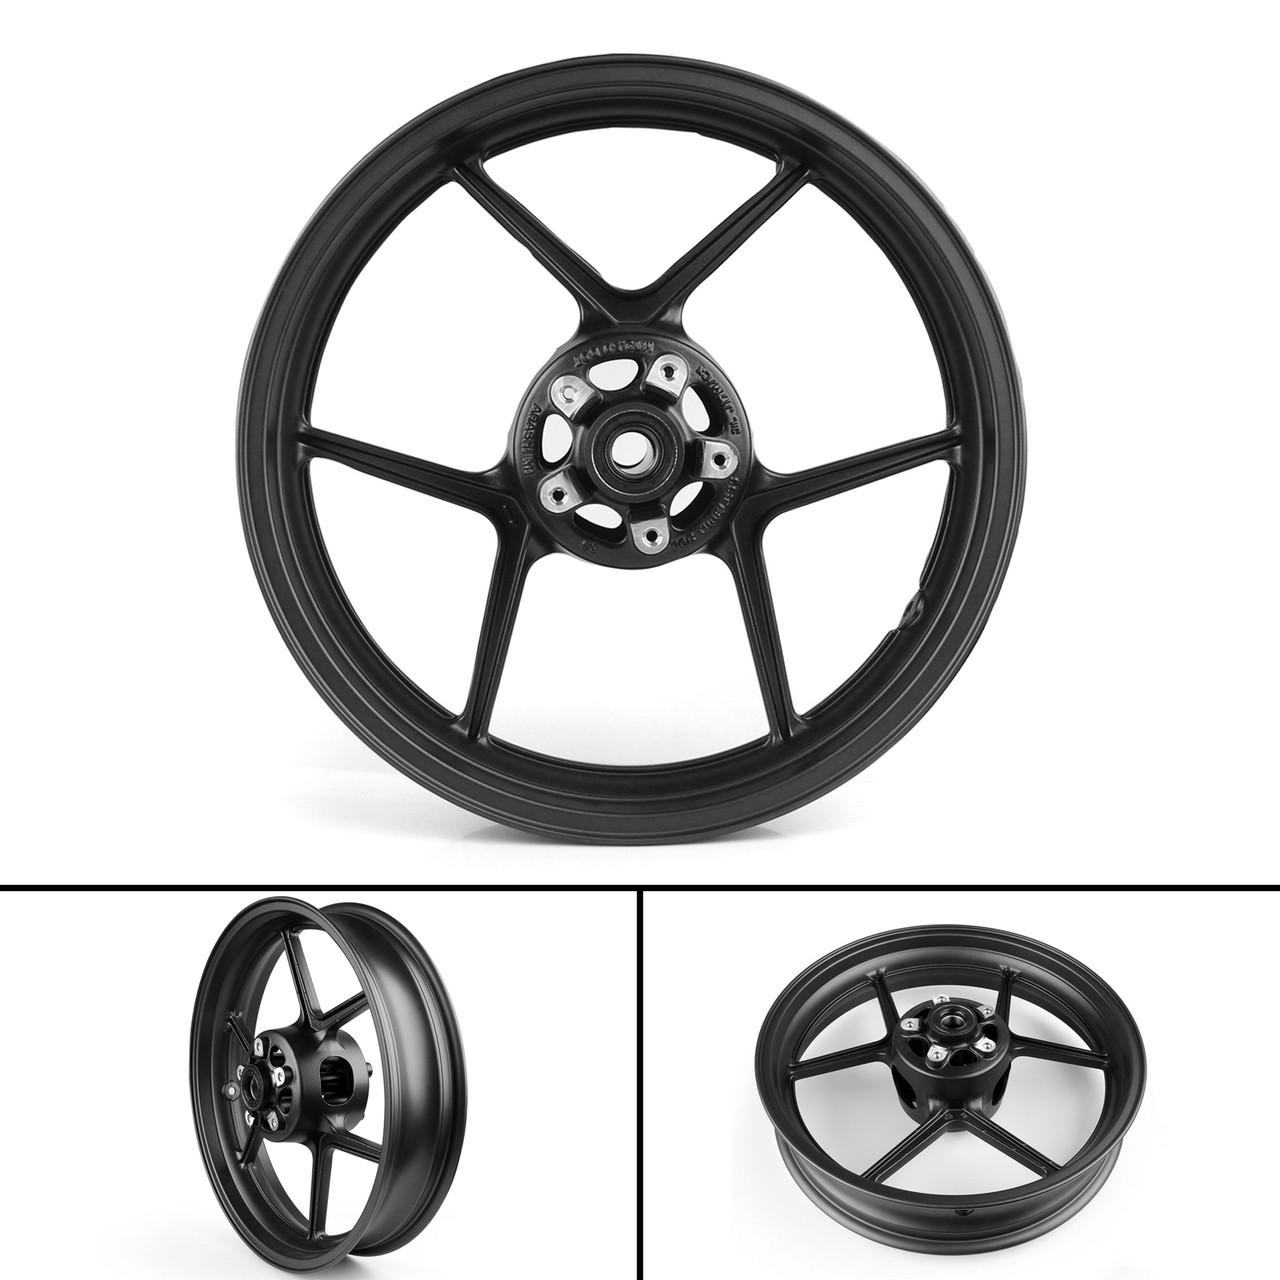 front wheel rim for kawasaki ninja zx6r 2005 2012 zx10r 2006 2010 z750 2007 [ 1280 x 1280 Pixel ]